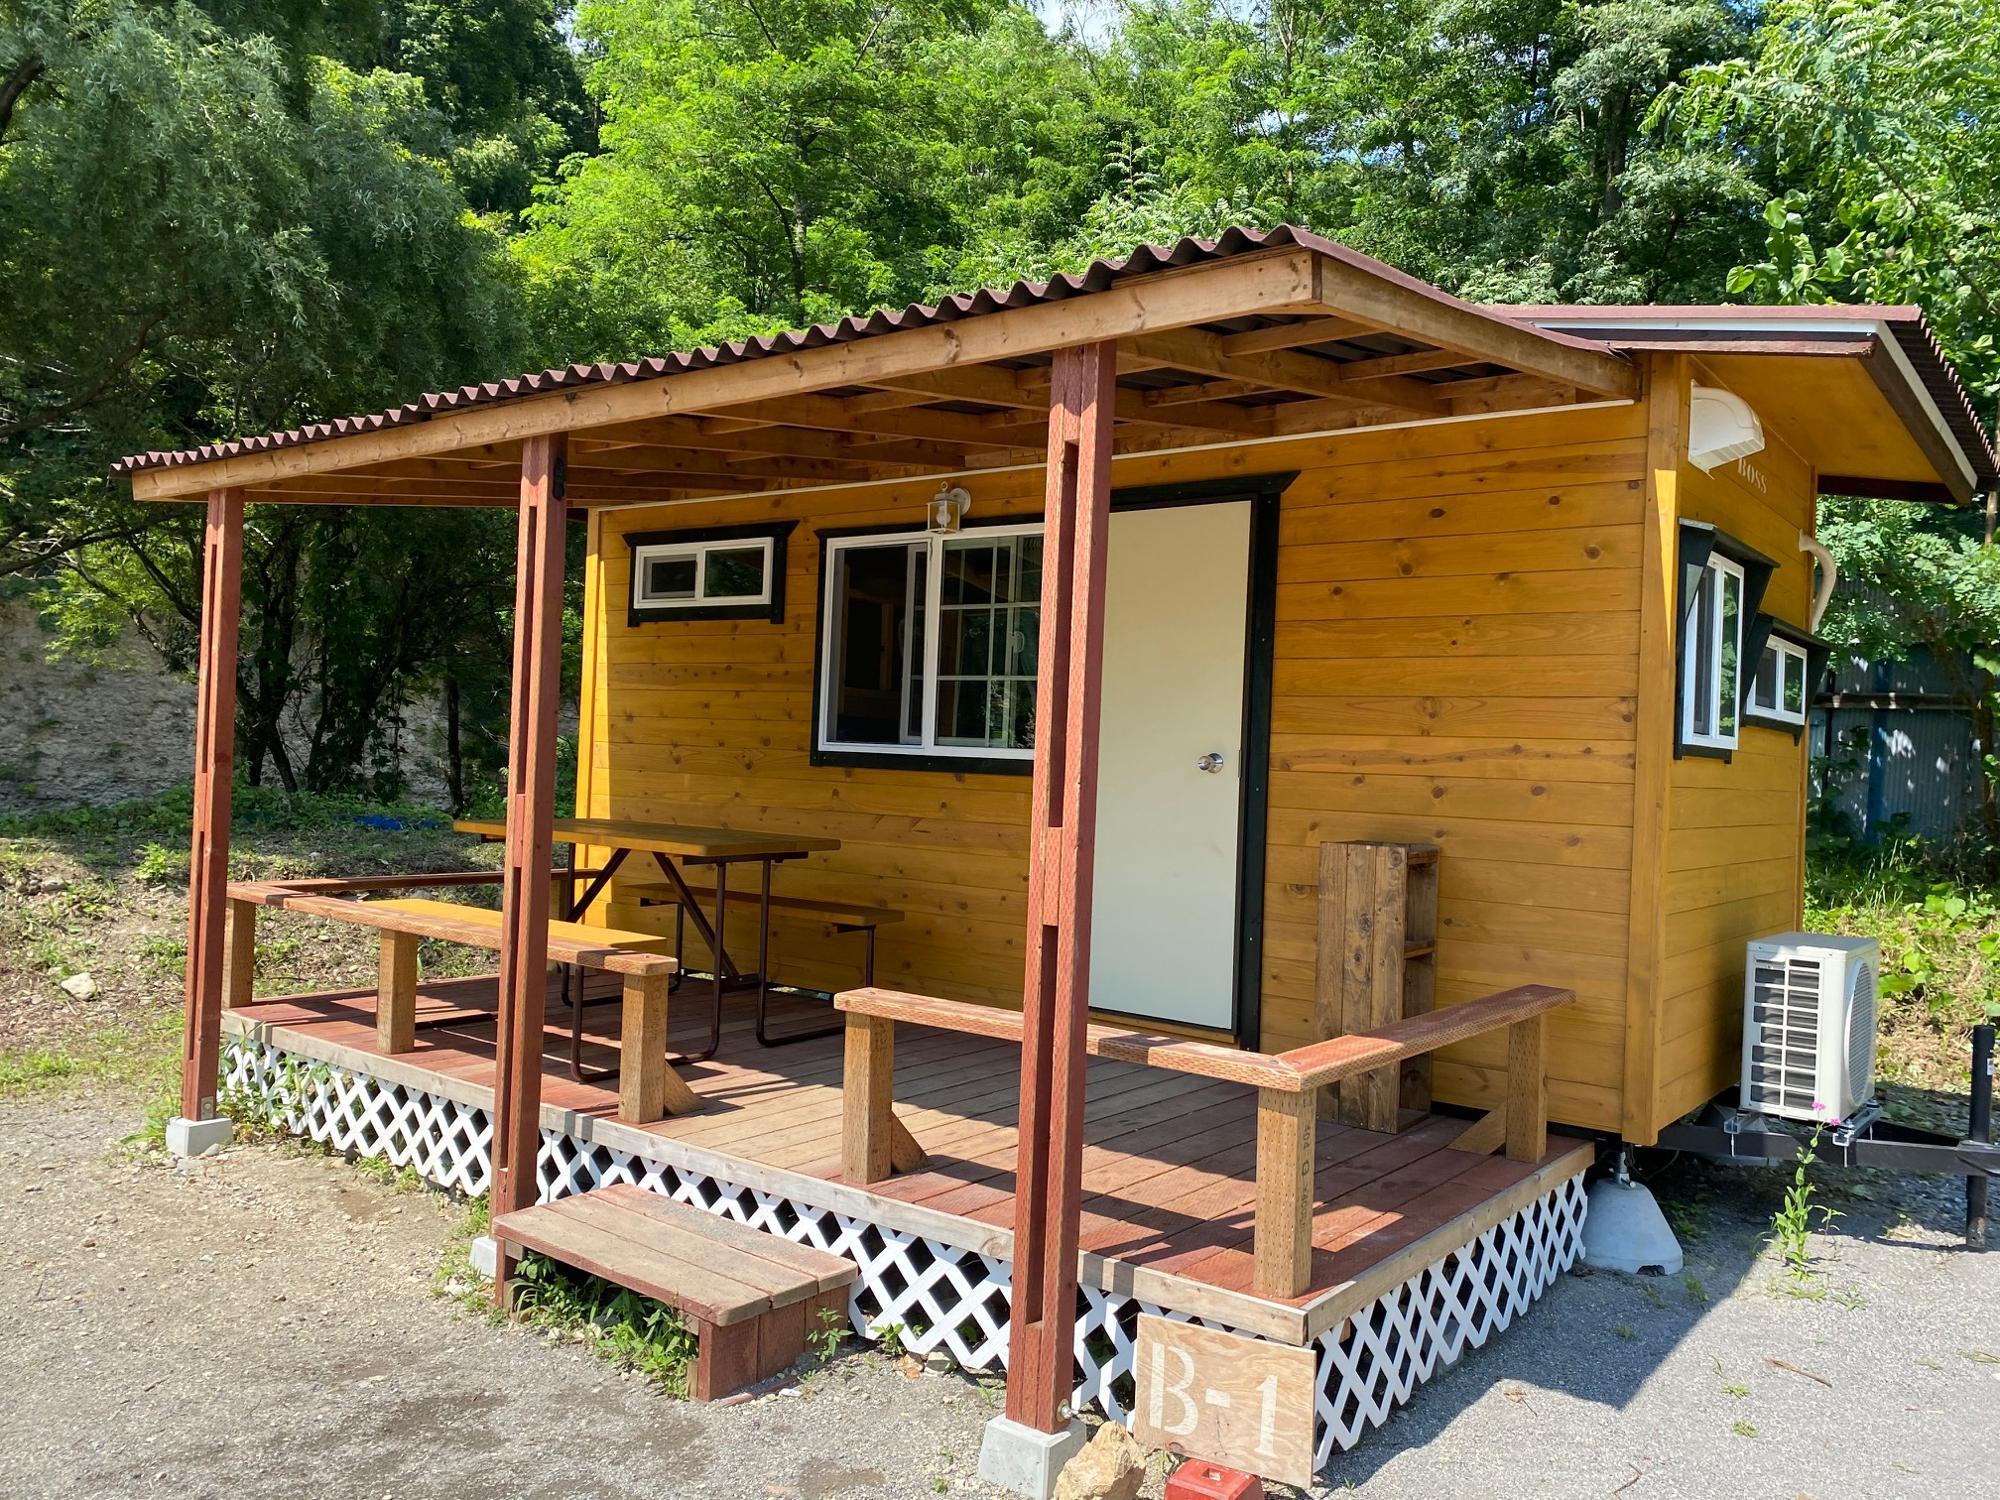 キャンプ初心者のうちは、キャビンやコテージが便利